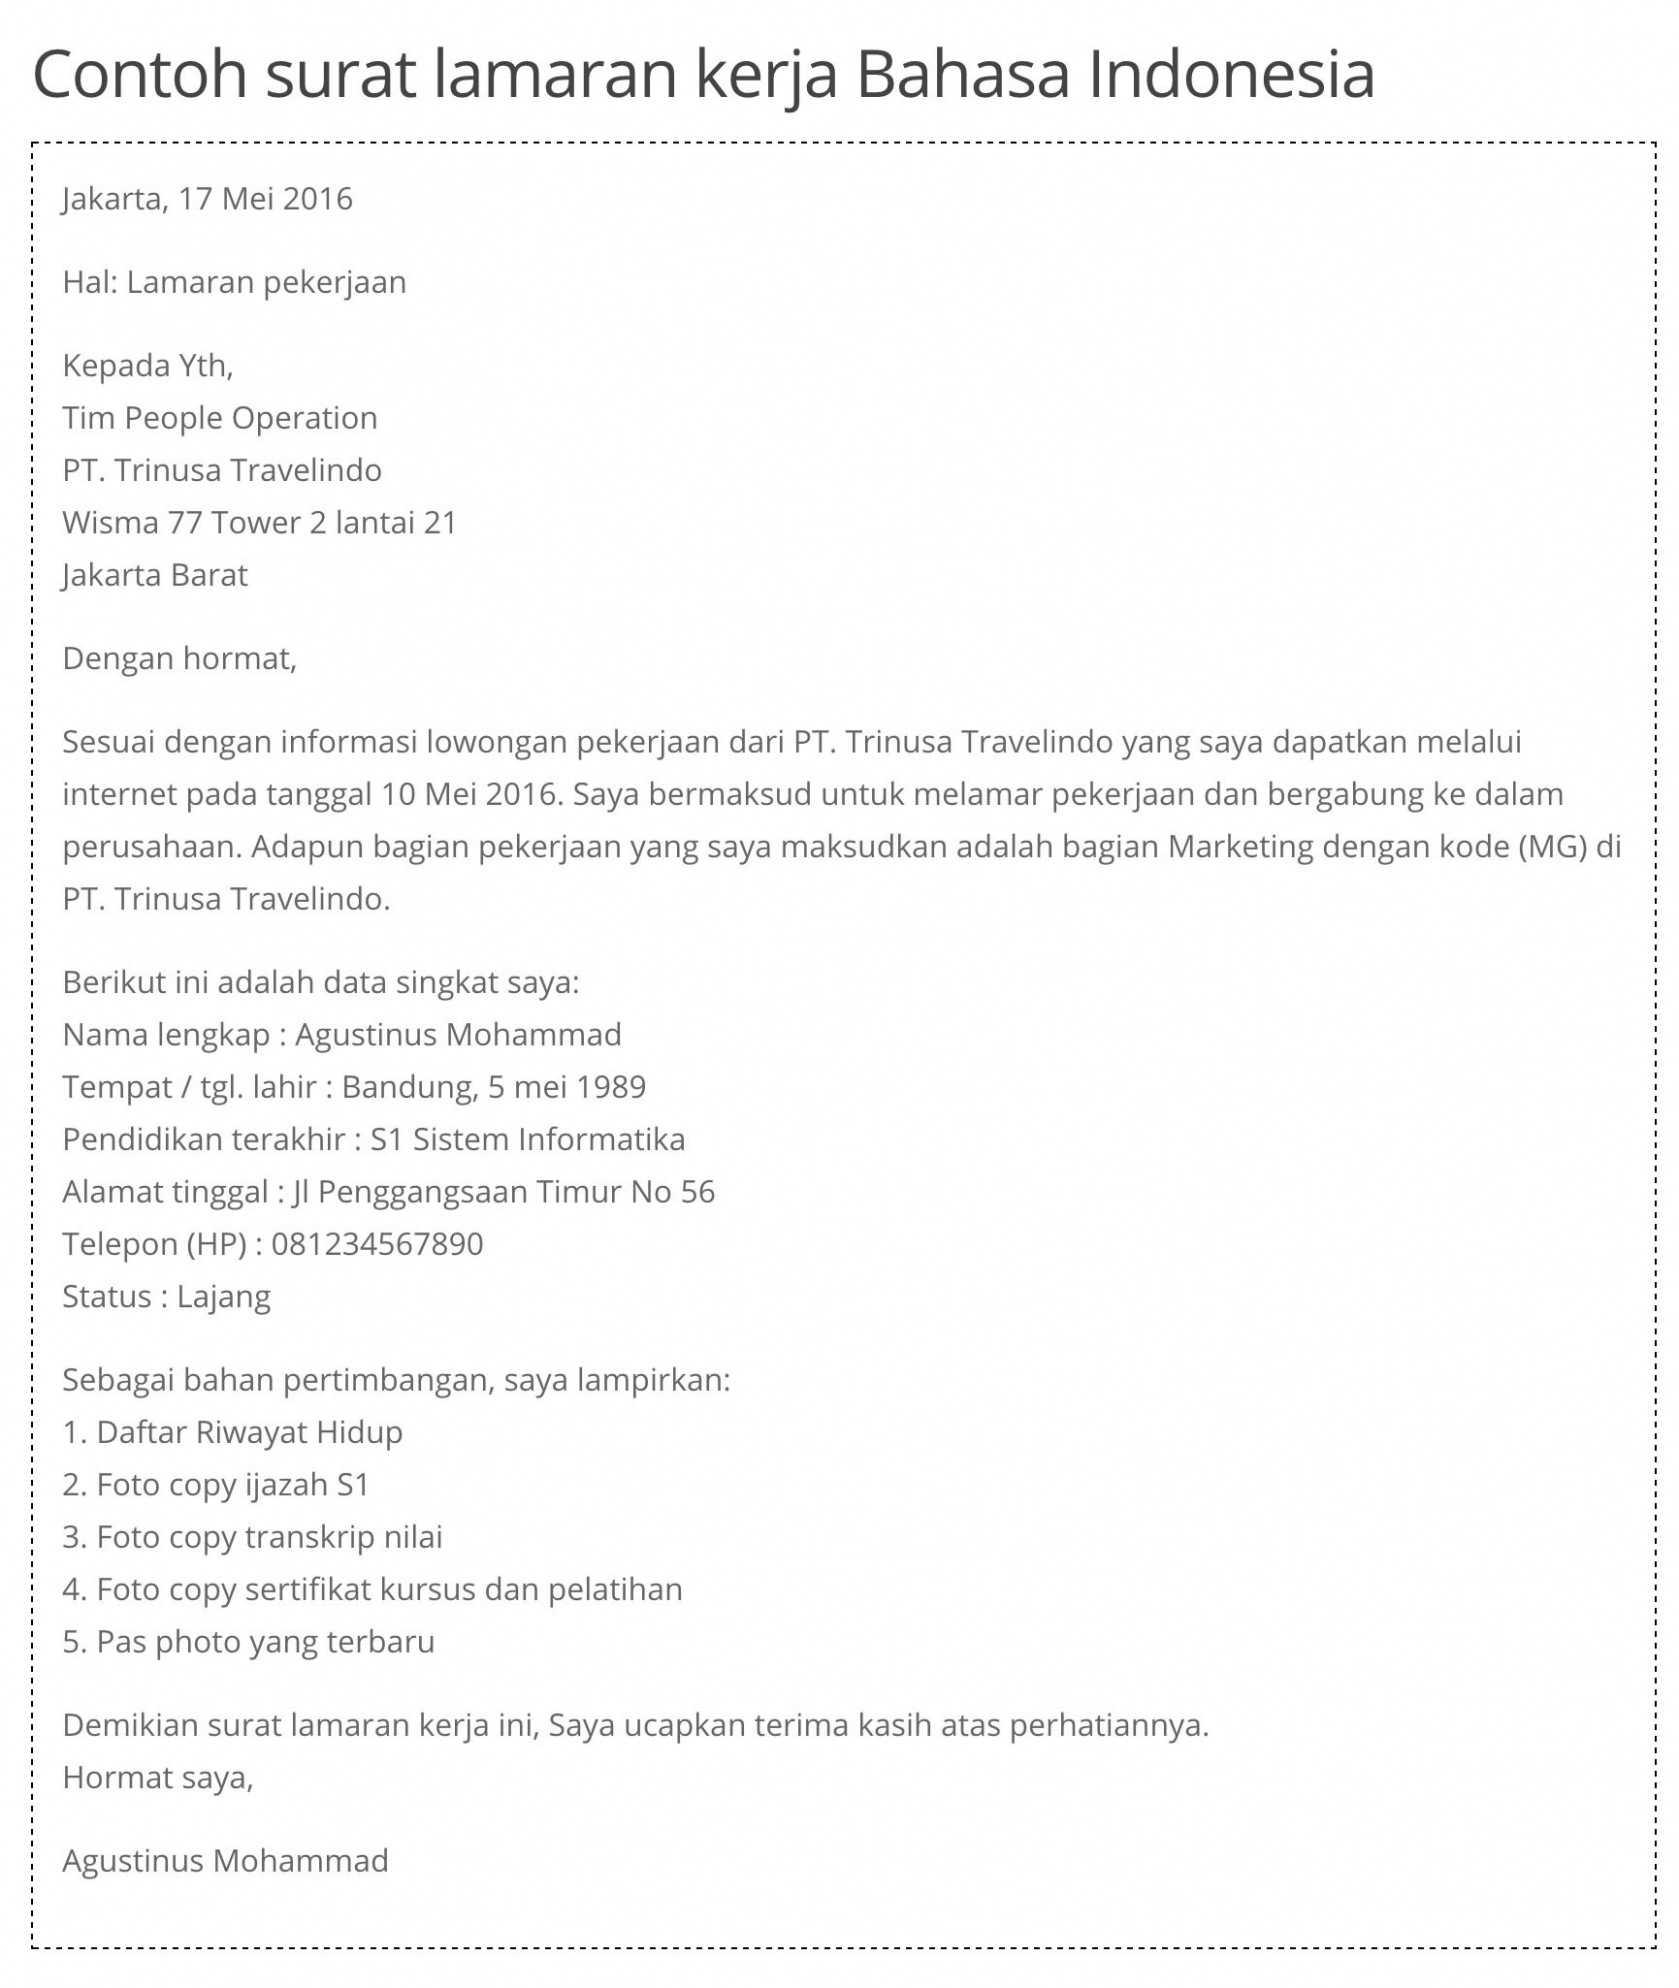 Irresistible curriculum vitae dalam bahasa indonesia Perbedaan Resume Cover Letter dan Curriculum Vitae